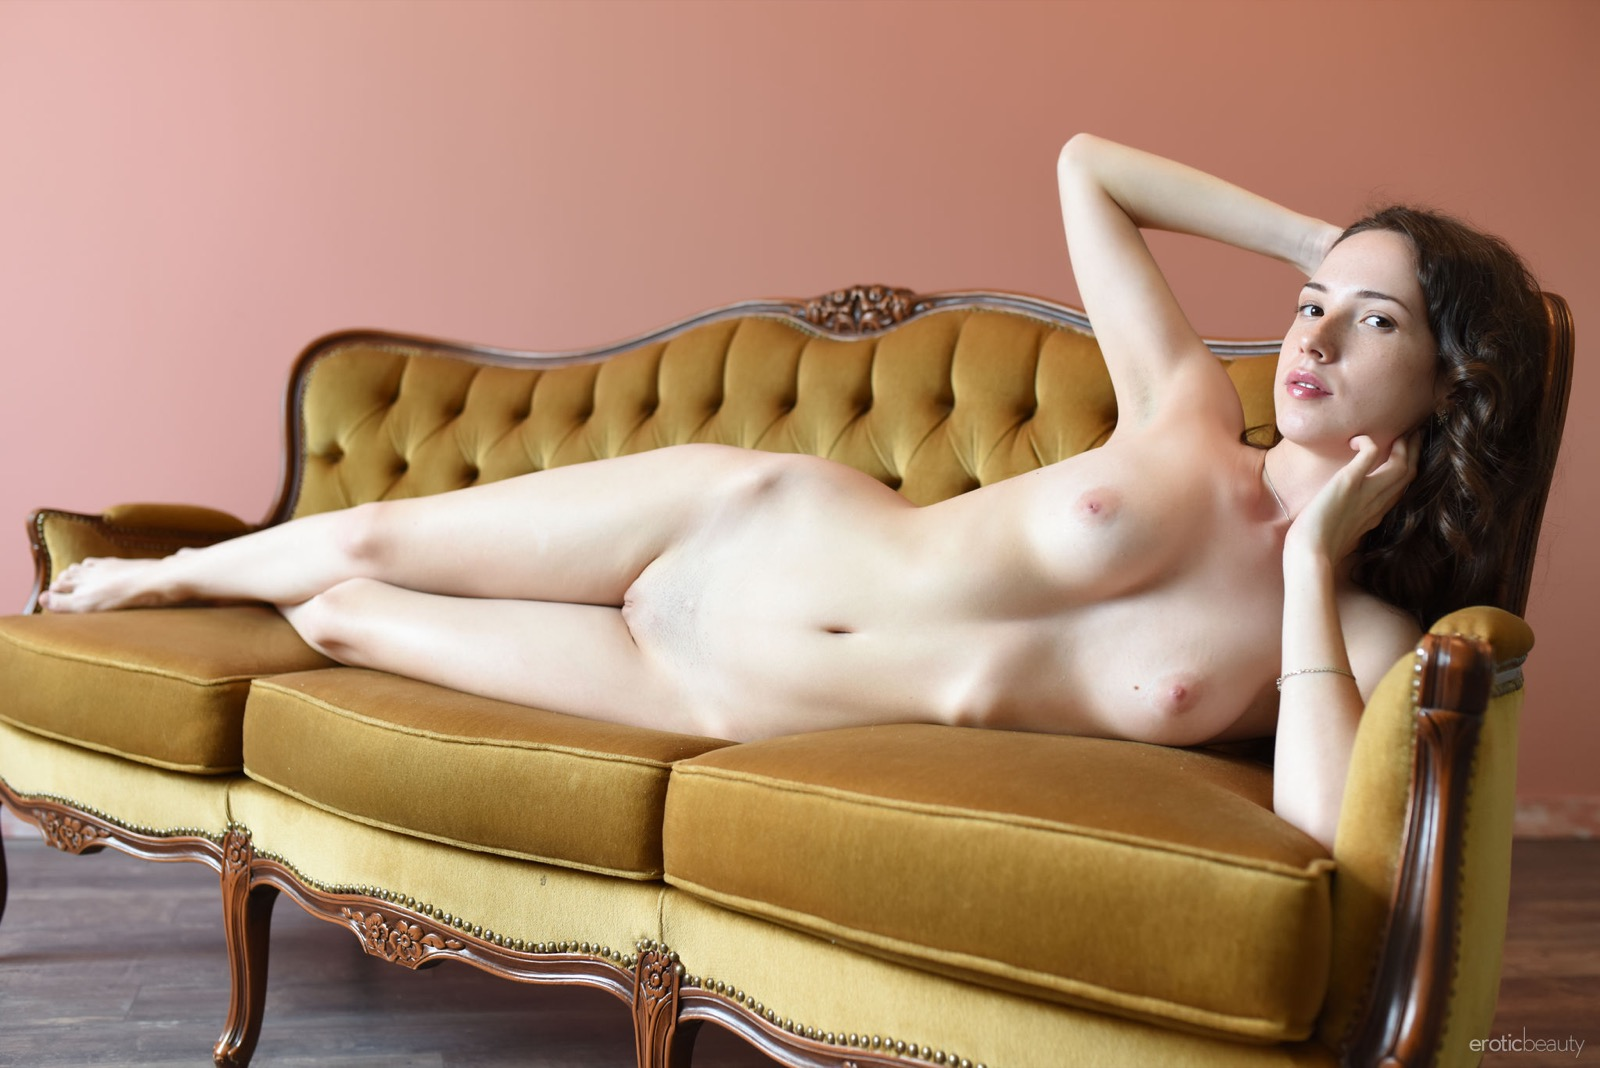 Раздевающаяся перед камерой красотка, голая русская милашка фото